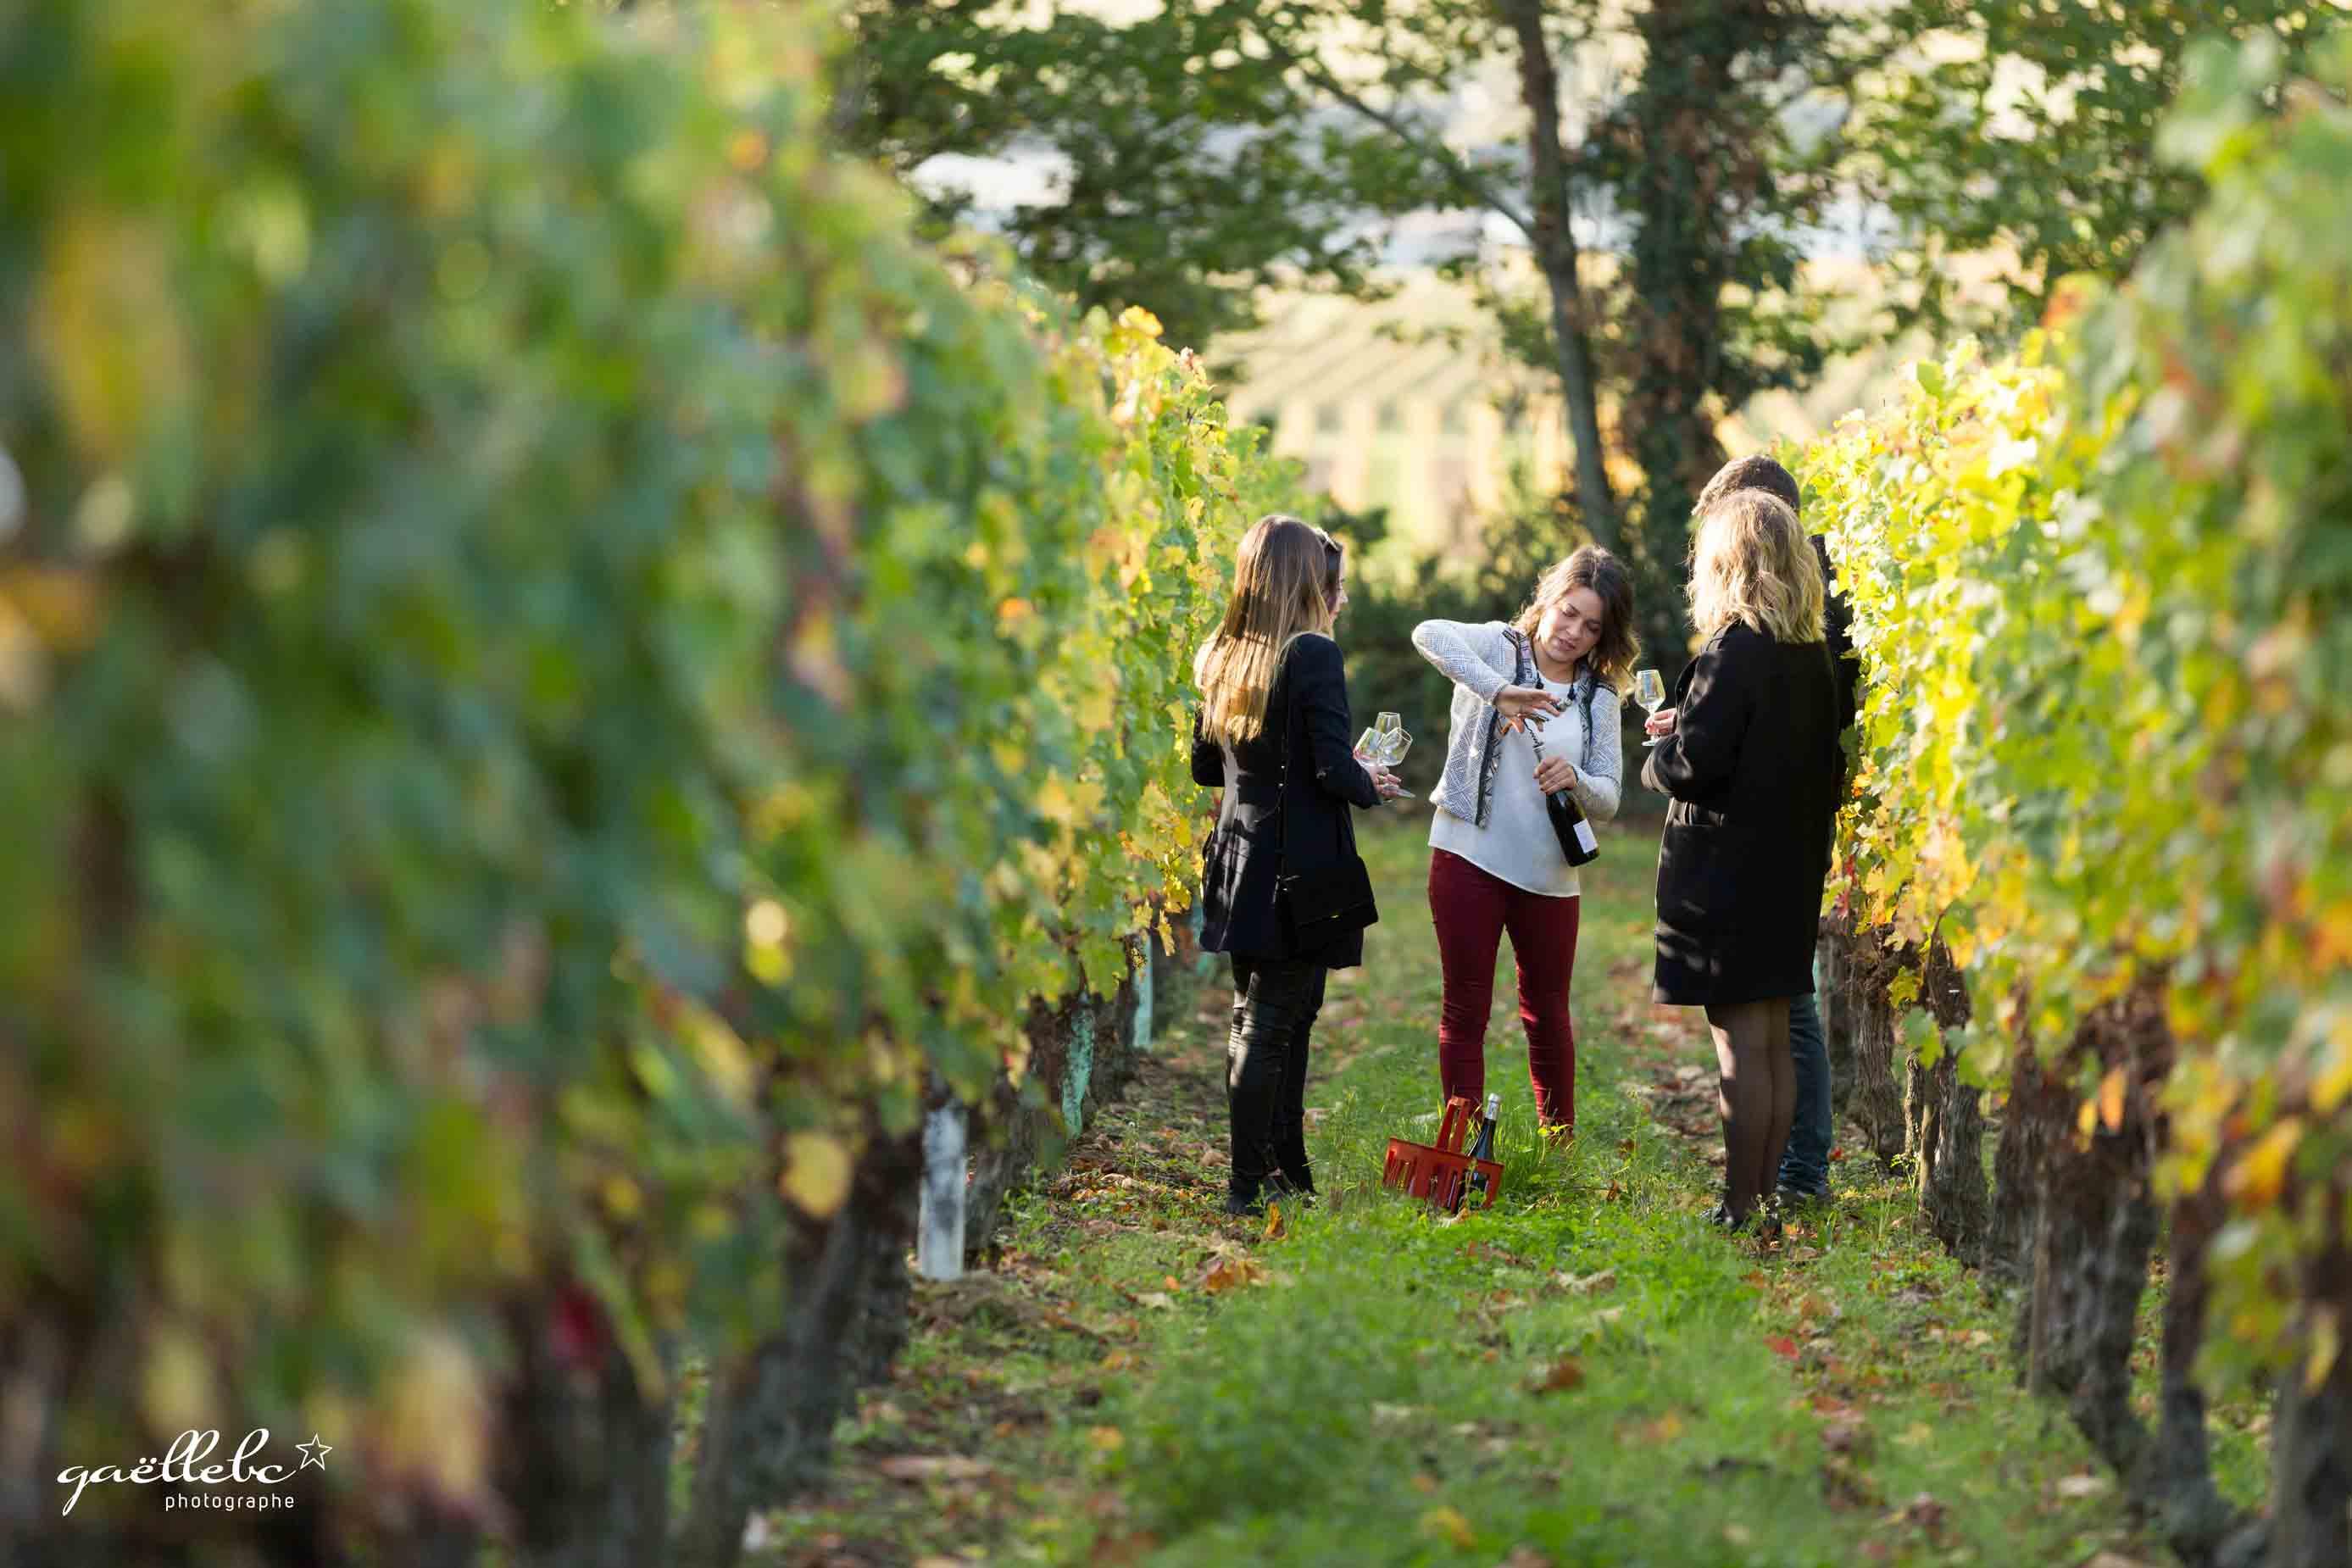 Seance-Photos-Azelie-entre-vignes-et-marche-©gaellebc-JPGweb-034